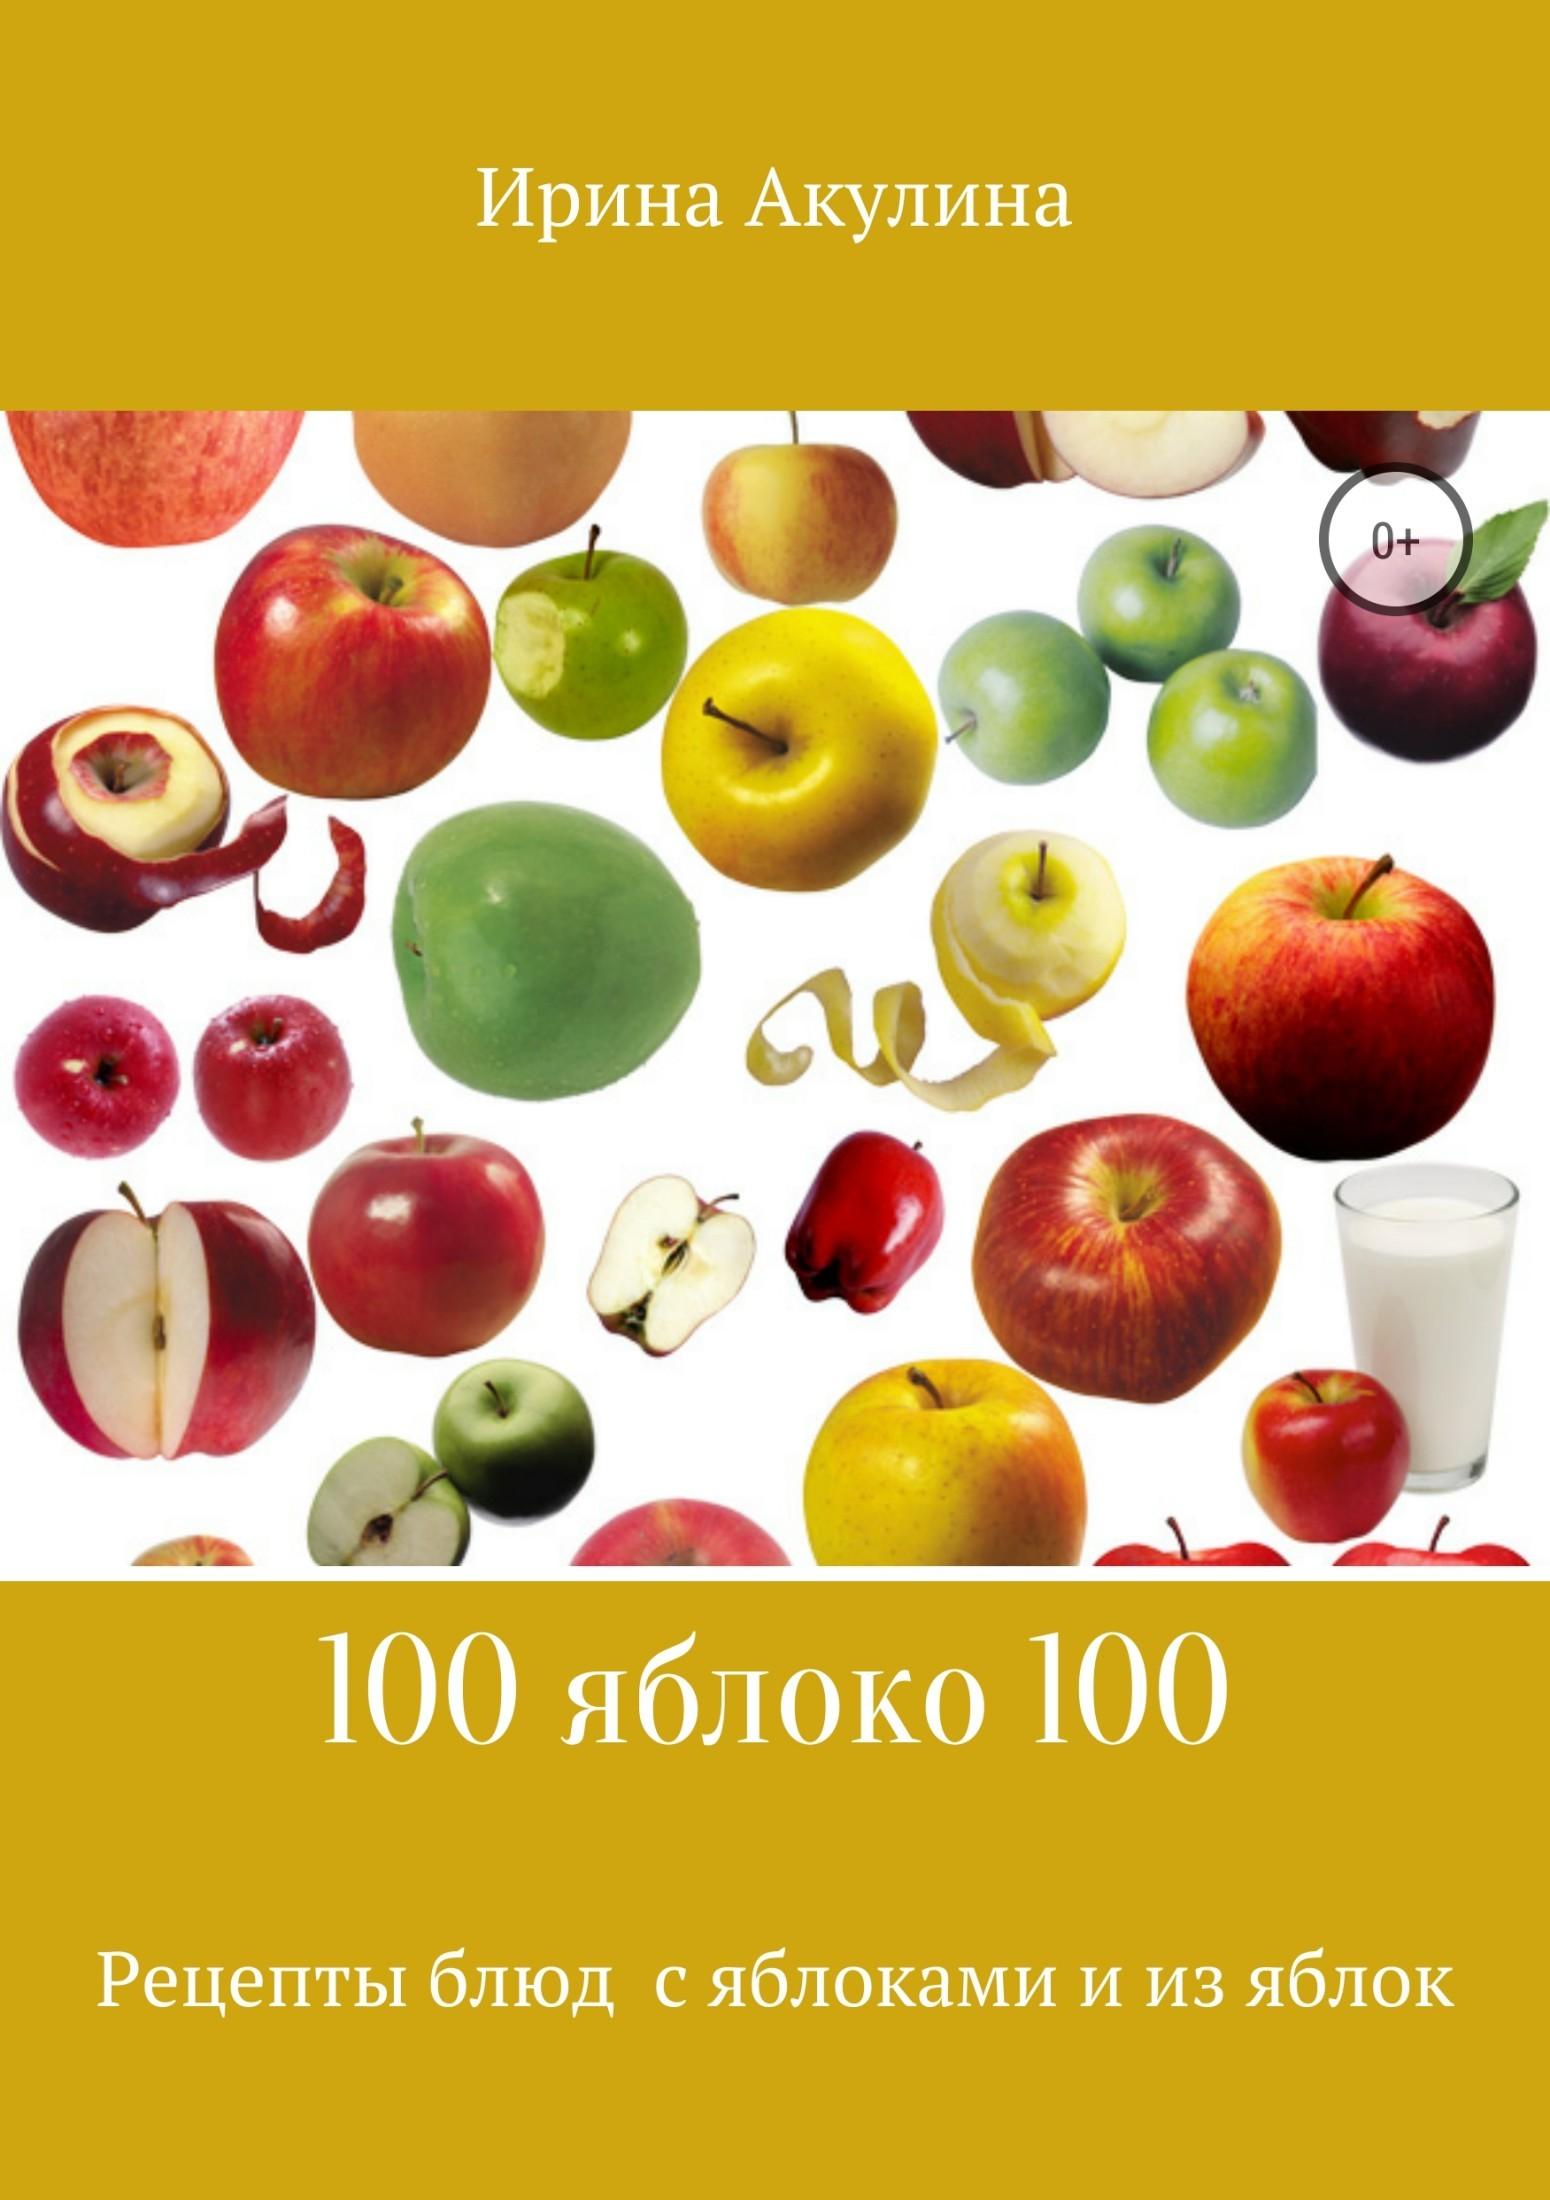 Ирина Александровна Акулина. 100яблоко100